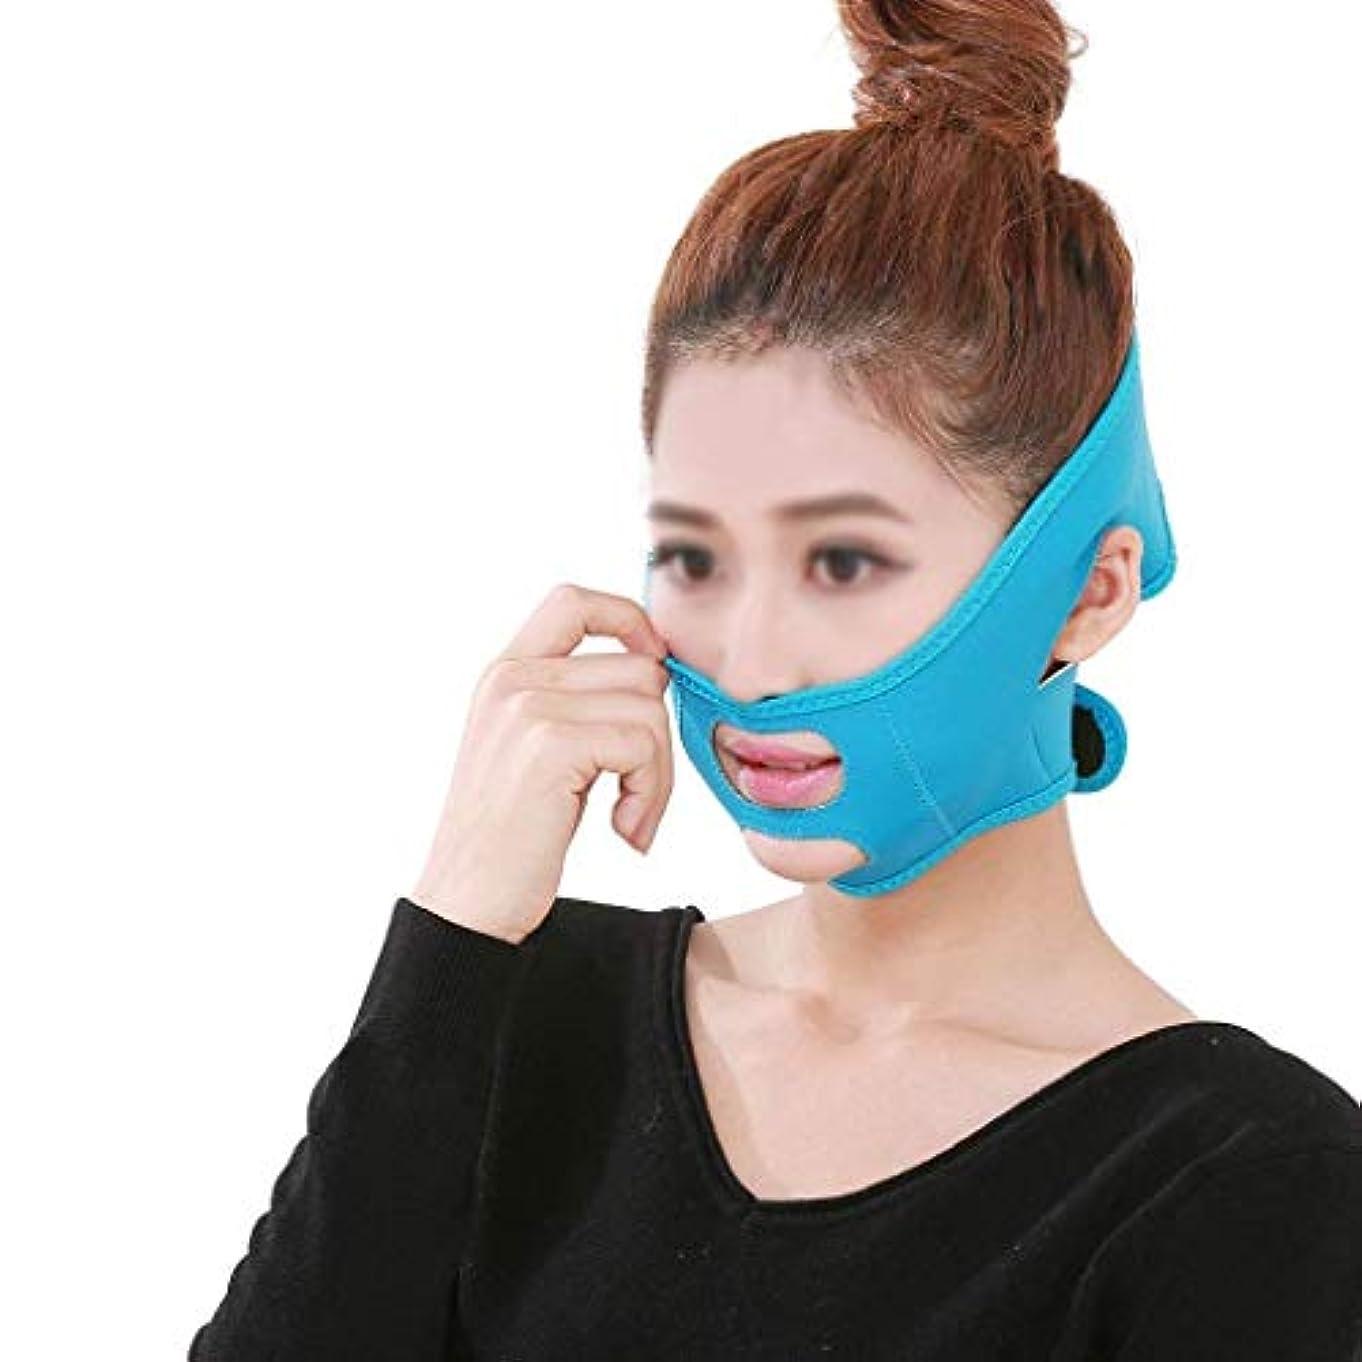 汚染衣装早めるフェイスシンフェイスマスクバンデージスモールフェイスVダブルチンフェイスリフティングツール付きフェイスフェイス